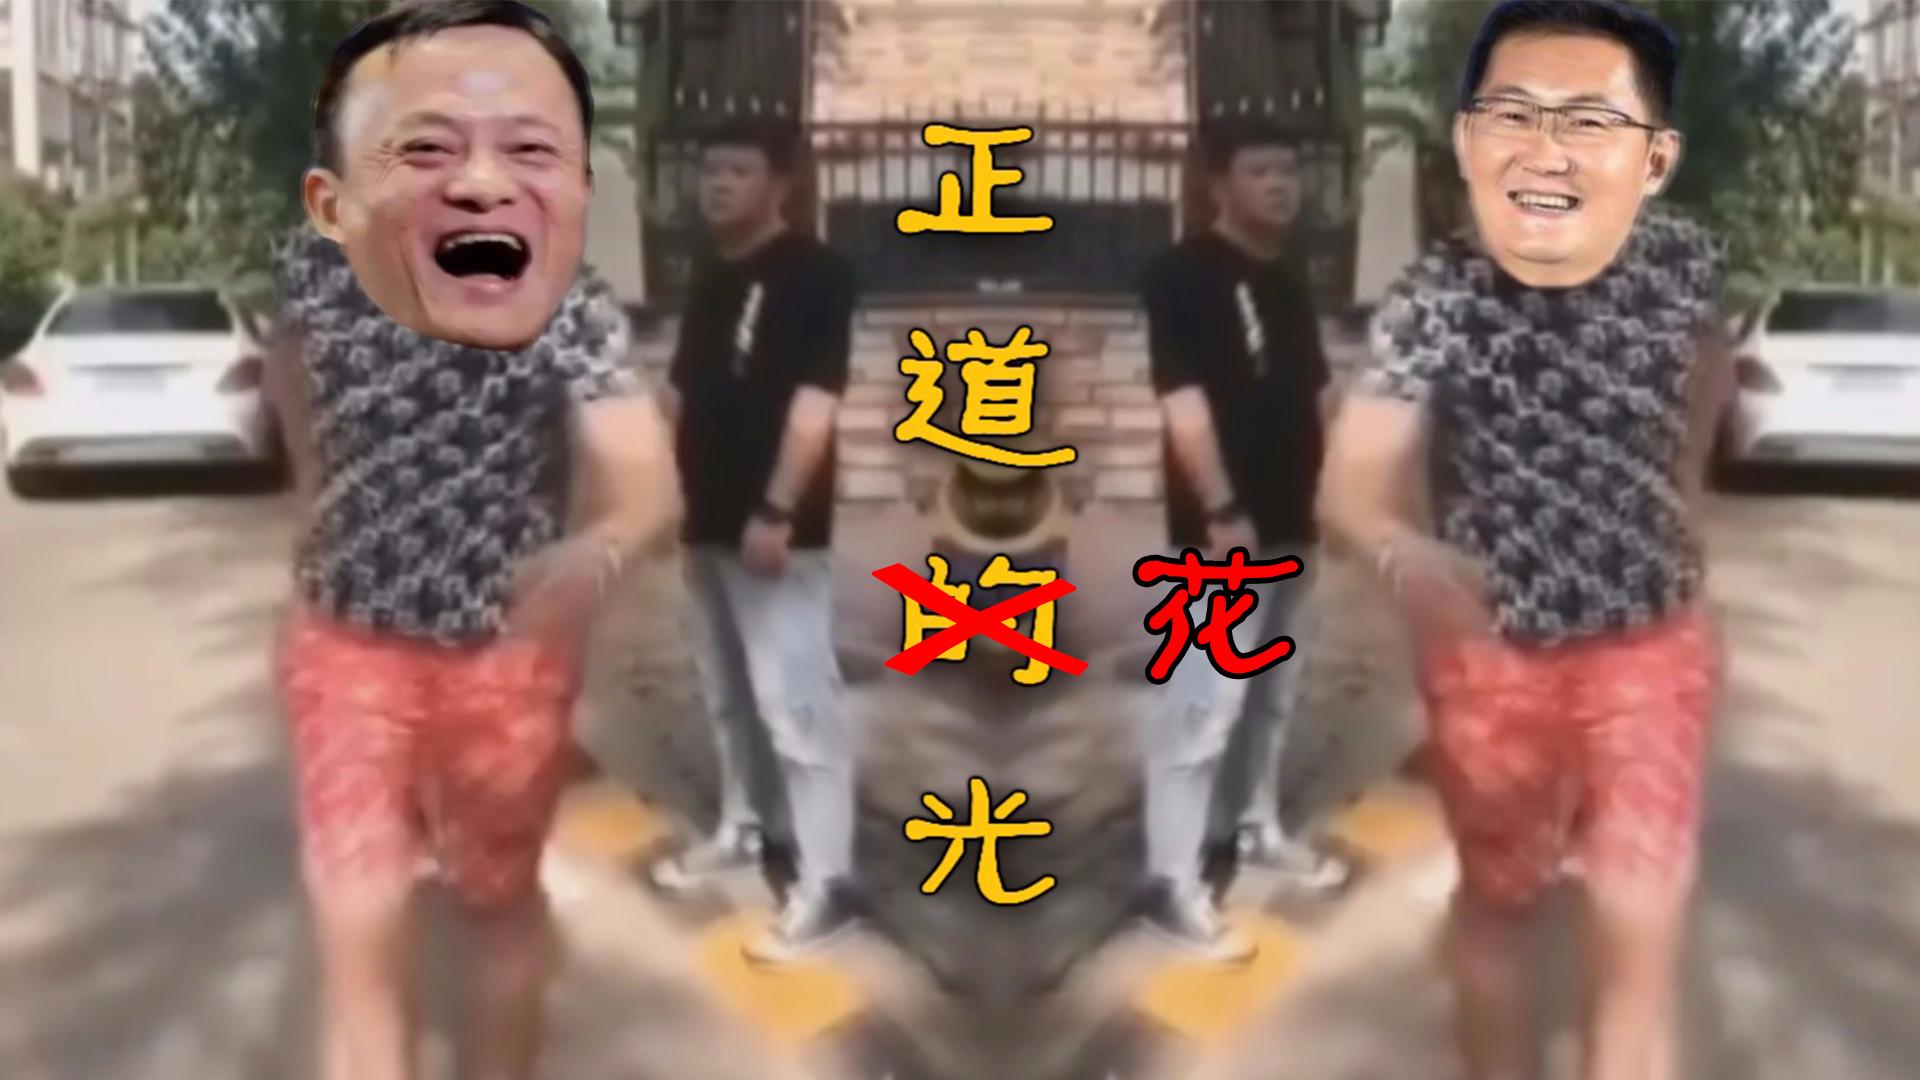 【马云X马化腾】正道的光?挣到花光!